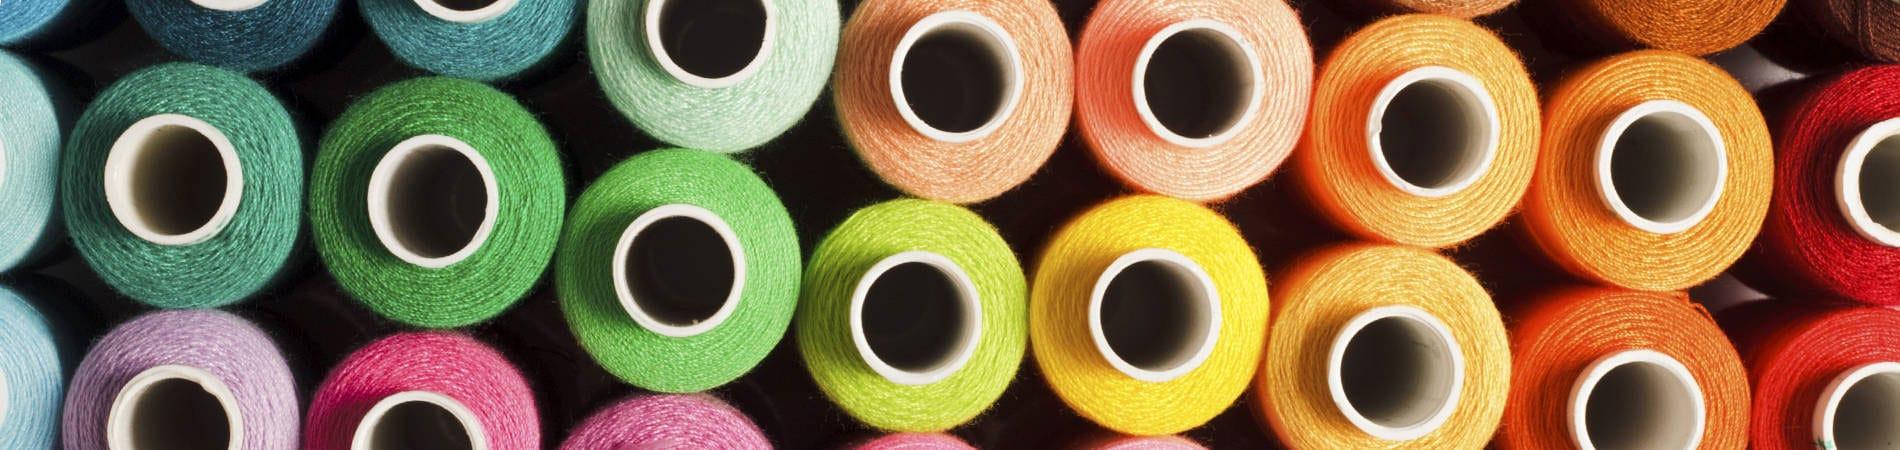 Tejiendo colorido y creatividad